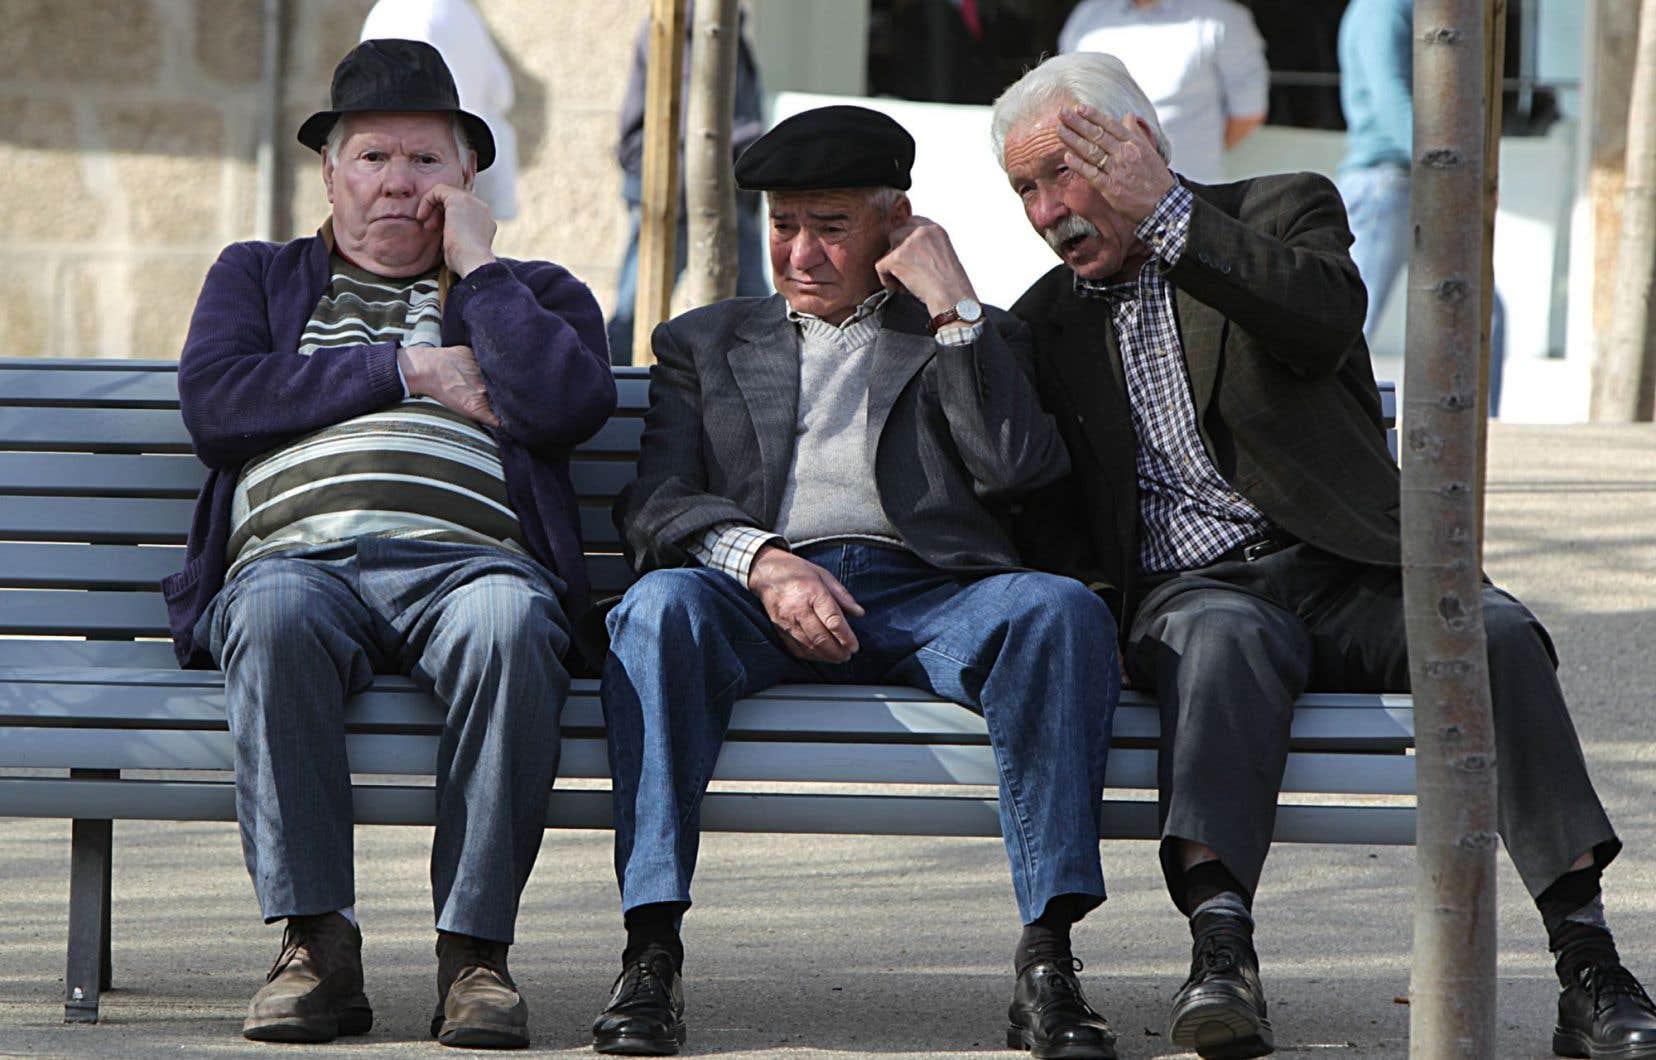 Quand on arrive à la retraite, on doit redéfinir nos priorités de vie.